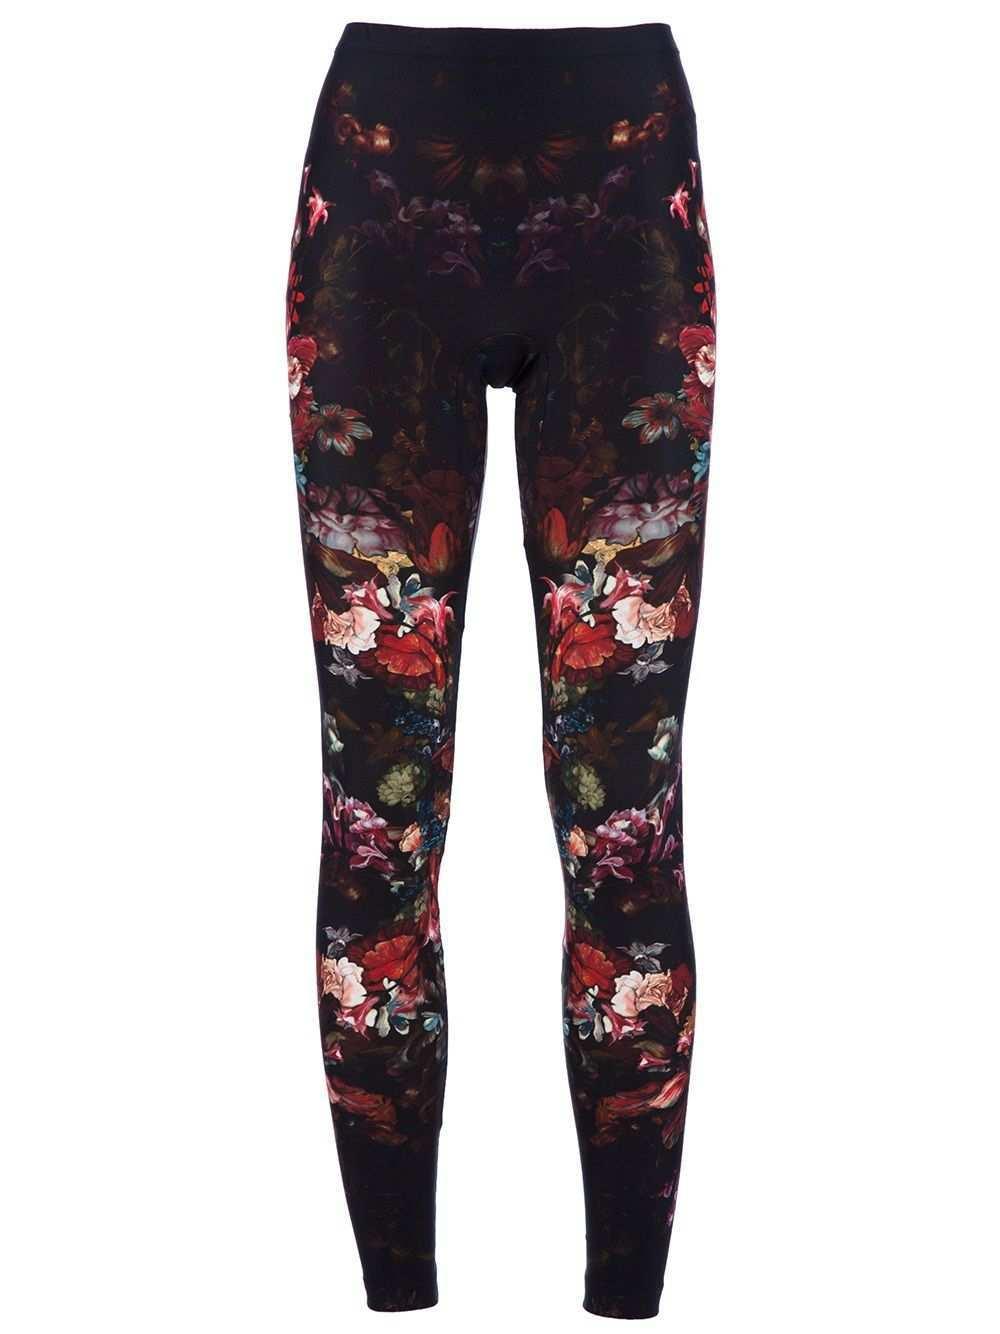 Alexander Mcqueen Floral Print Leggings Ropa Moda Estilo Moda